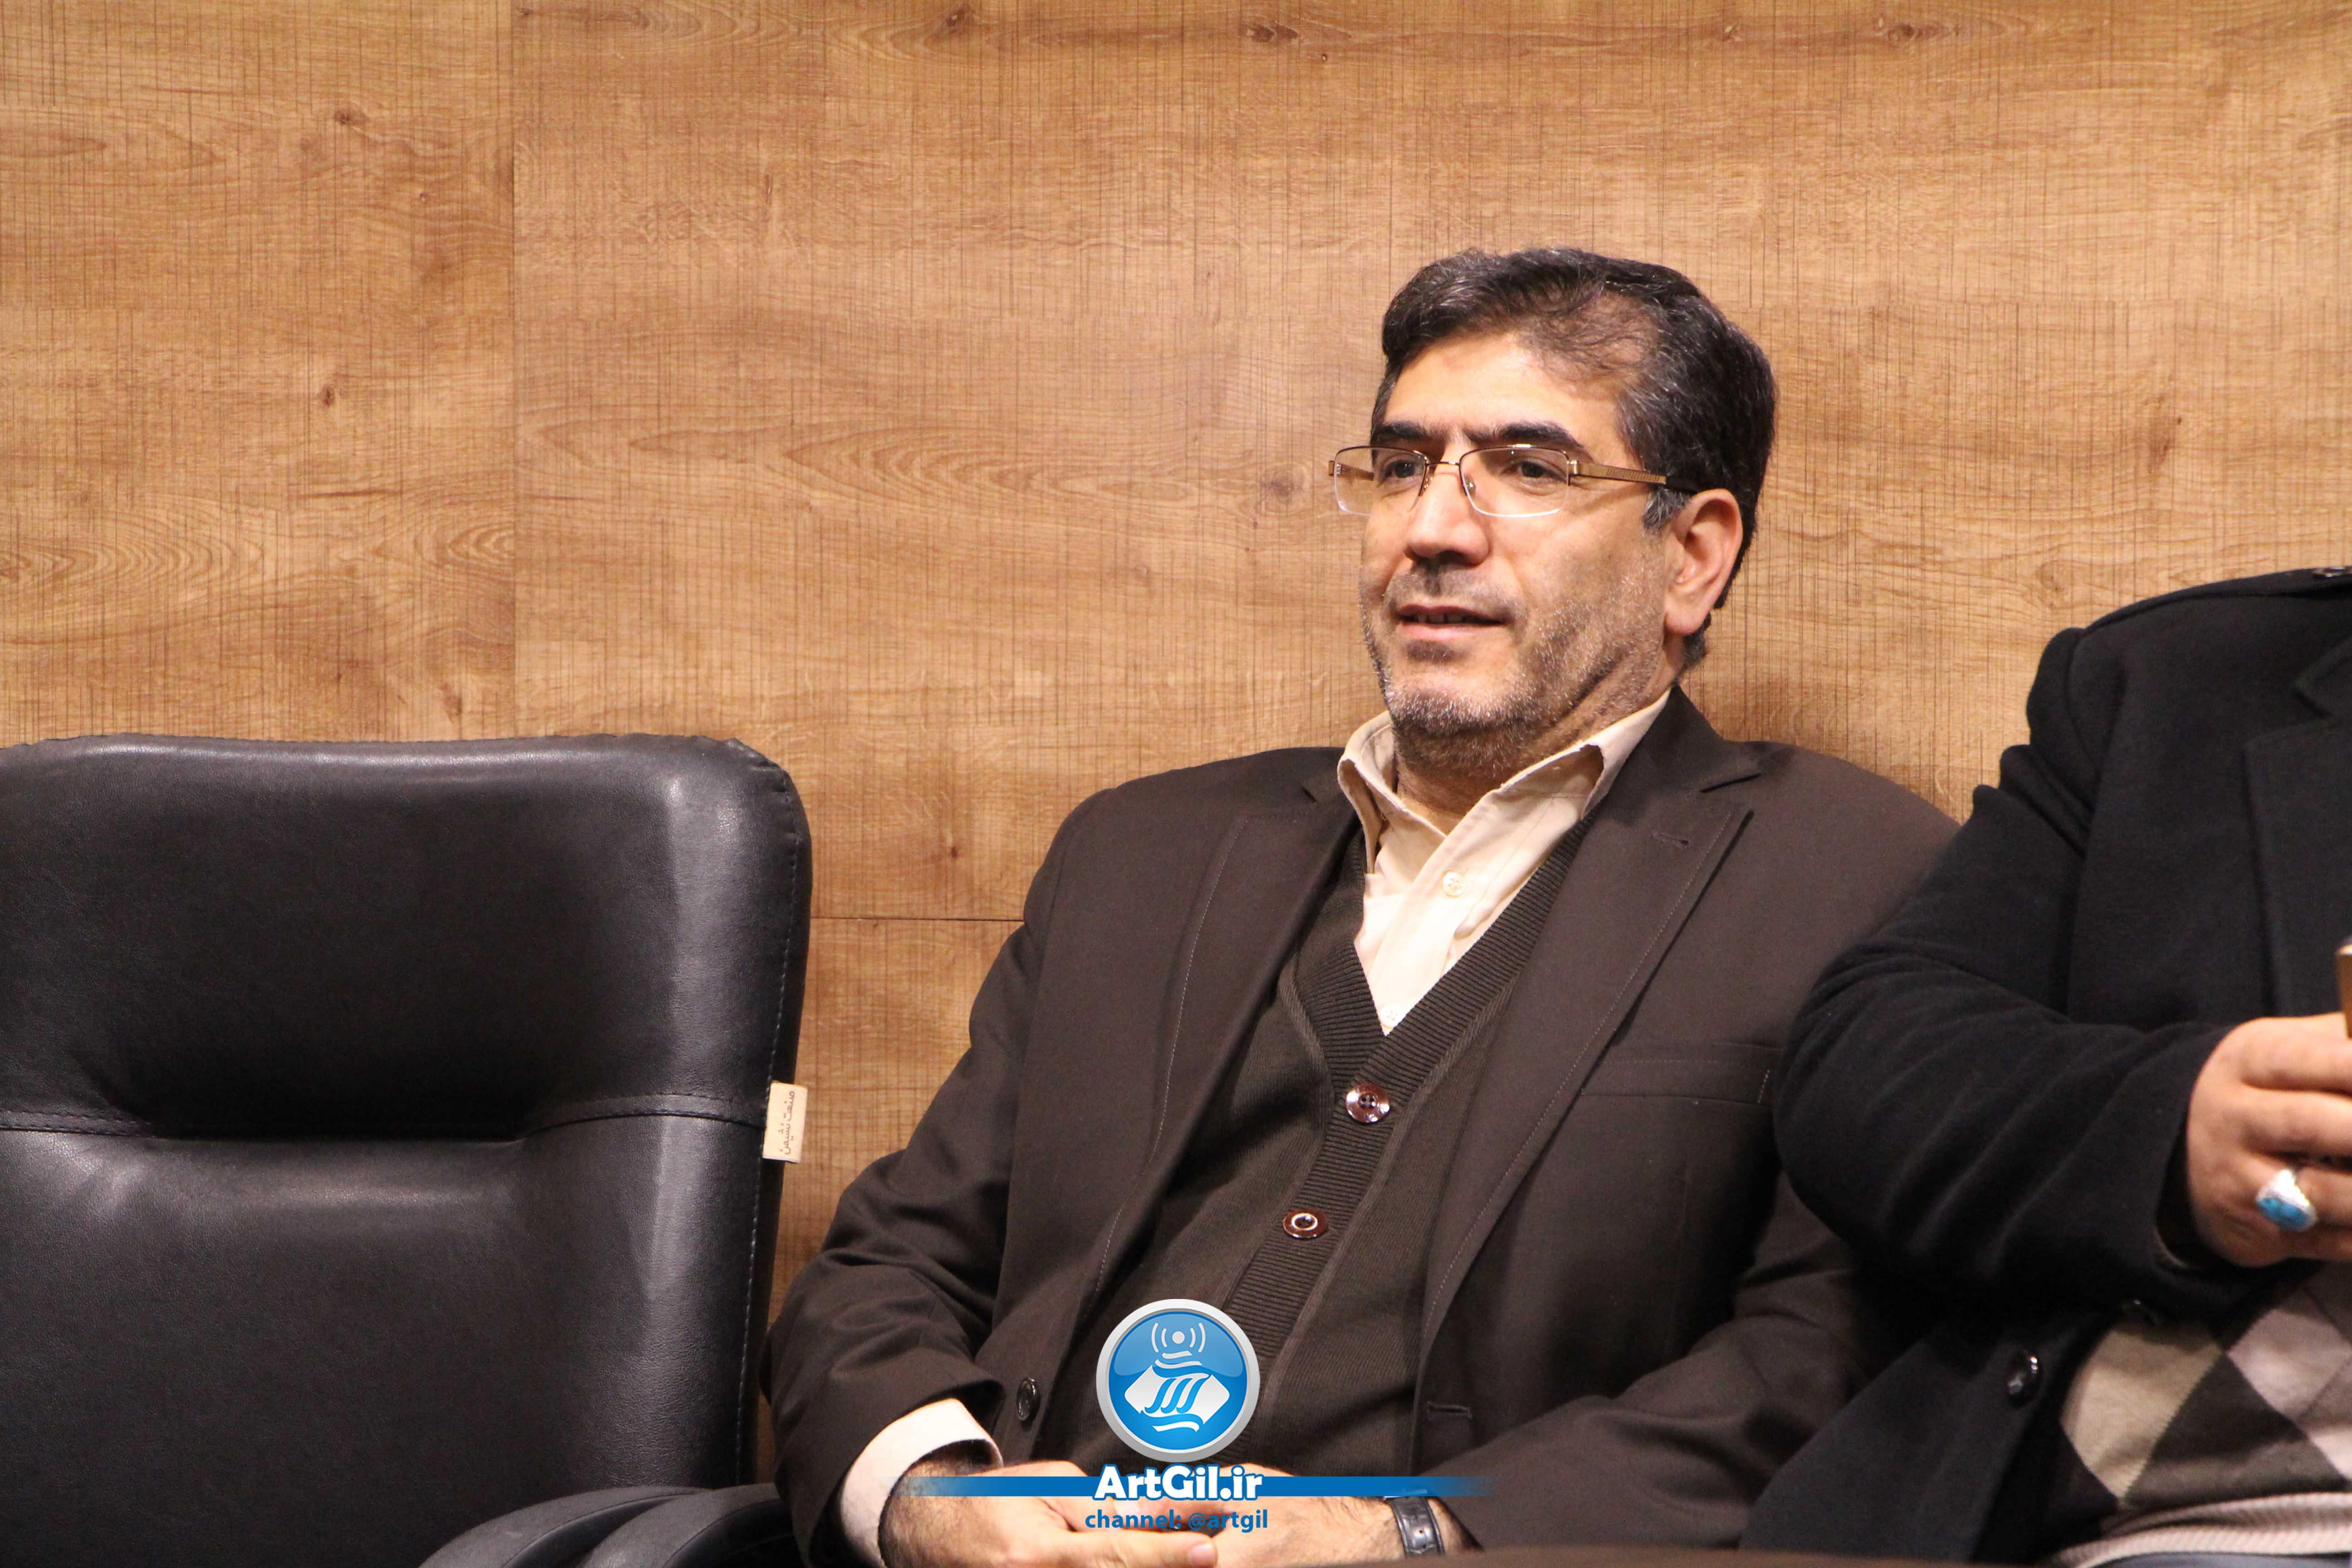 جلسه تودیع و معارفه مدیر عامل جدید سازمان فرهنگی ورزشی شهرداری رشت